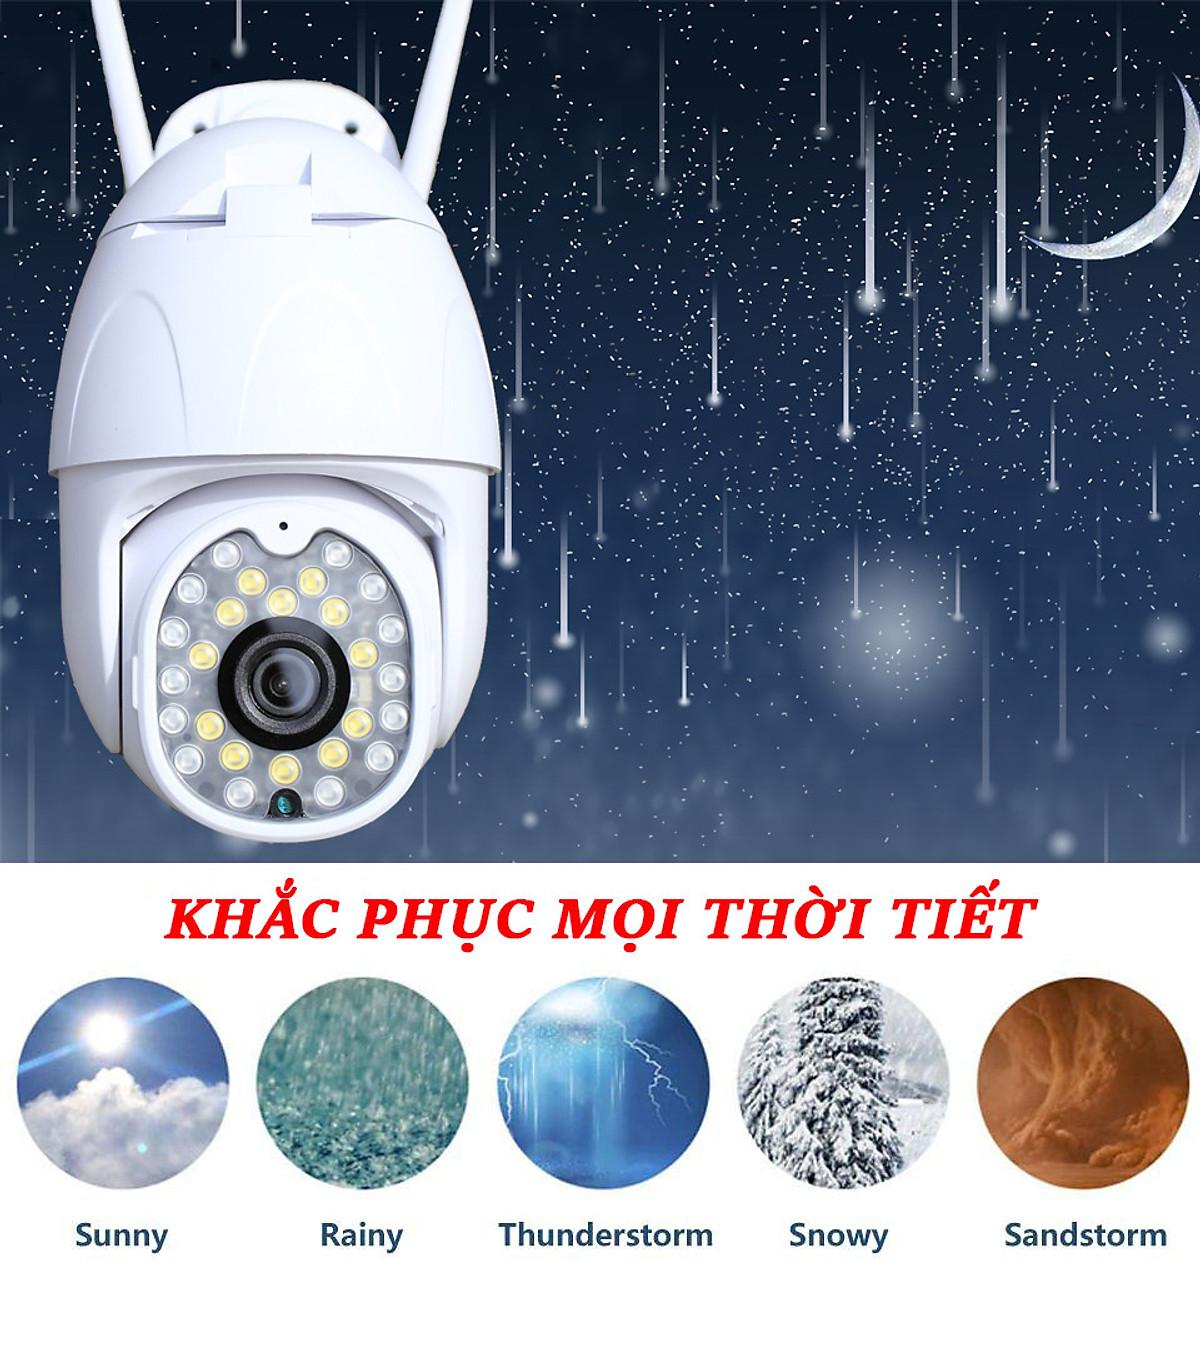 Camera Wifi ngoài trời Yoosee PTZ  2 Râu Full HD 1080P đàm thoại 2 chiều - Ban đêm có màu - Hàng Nhập Khẩu